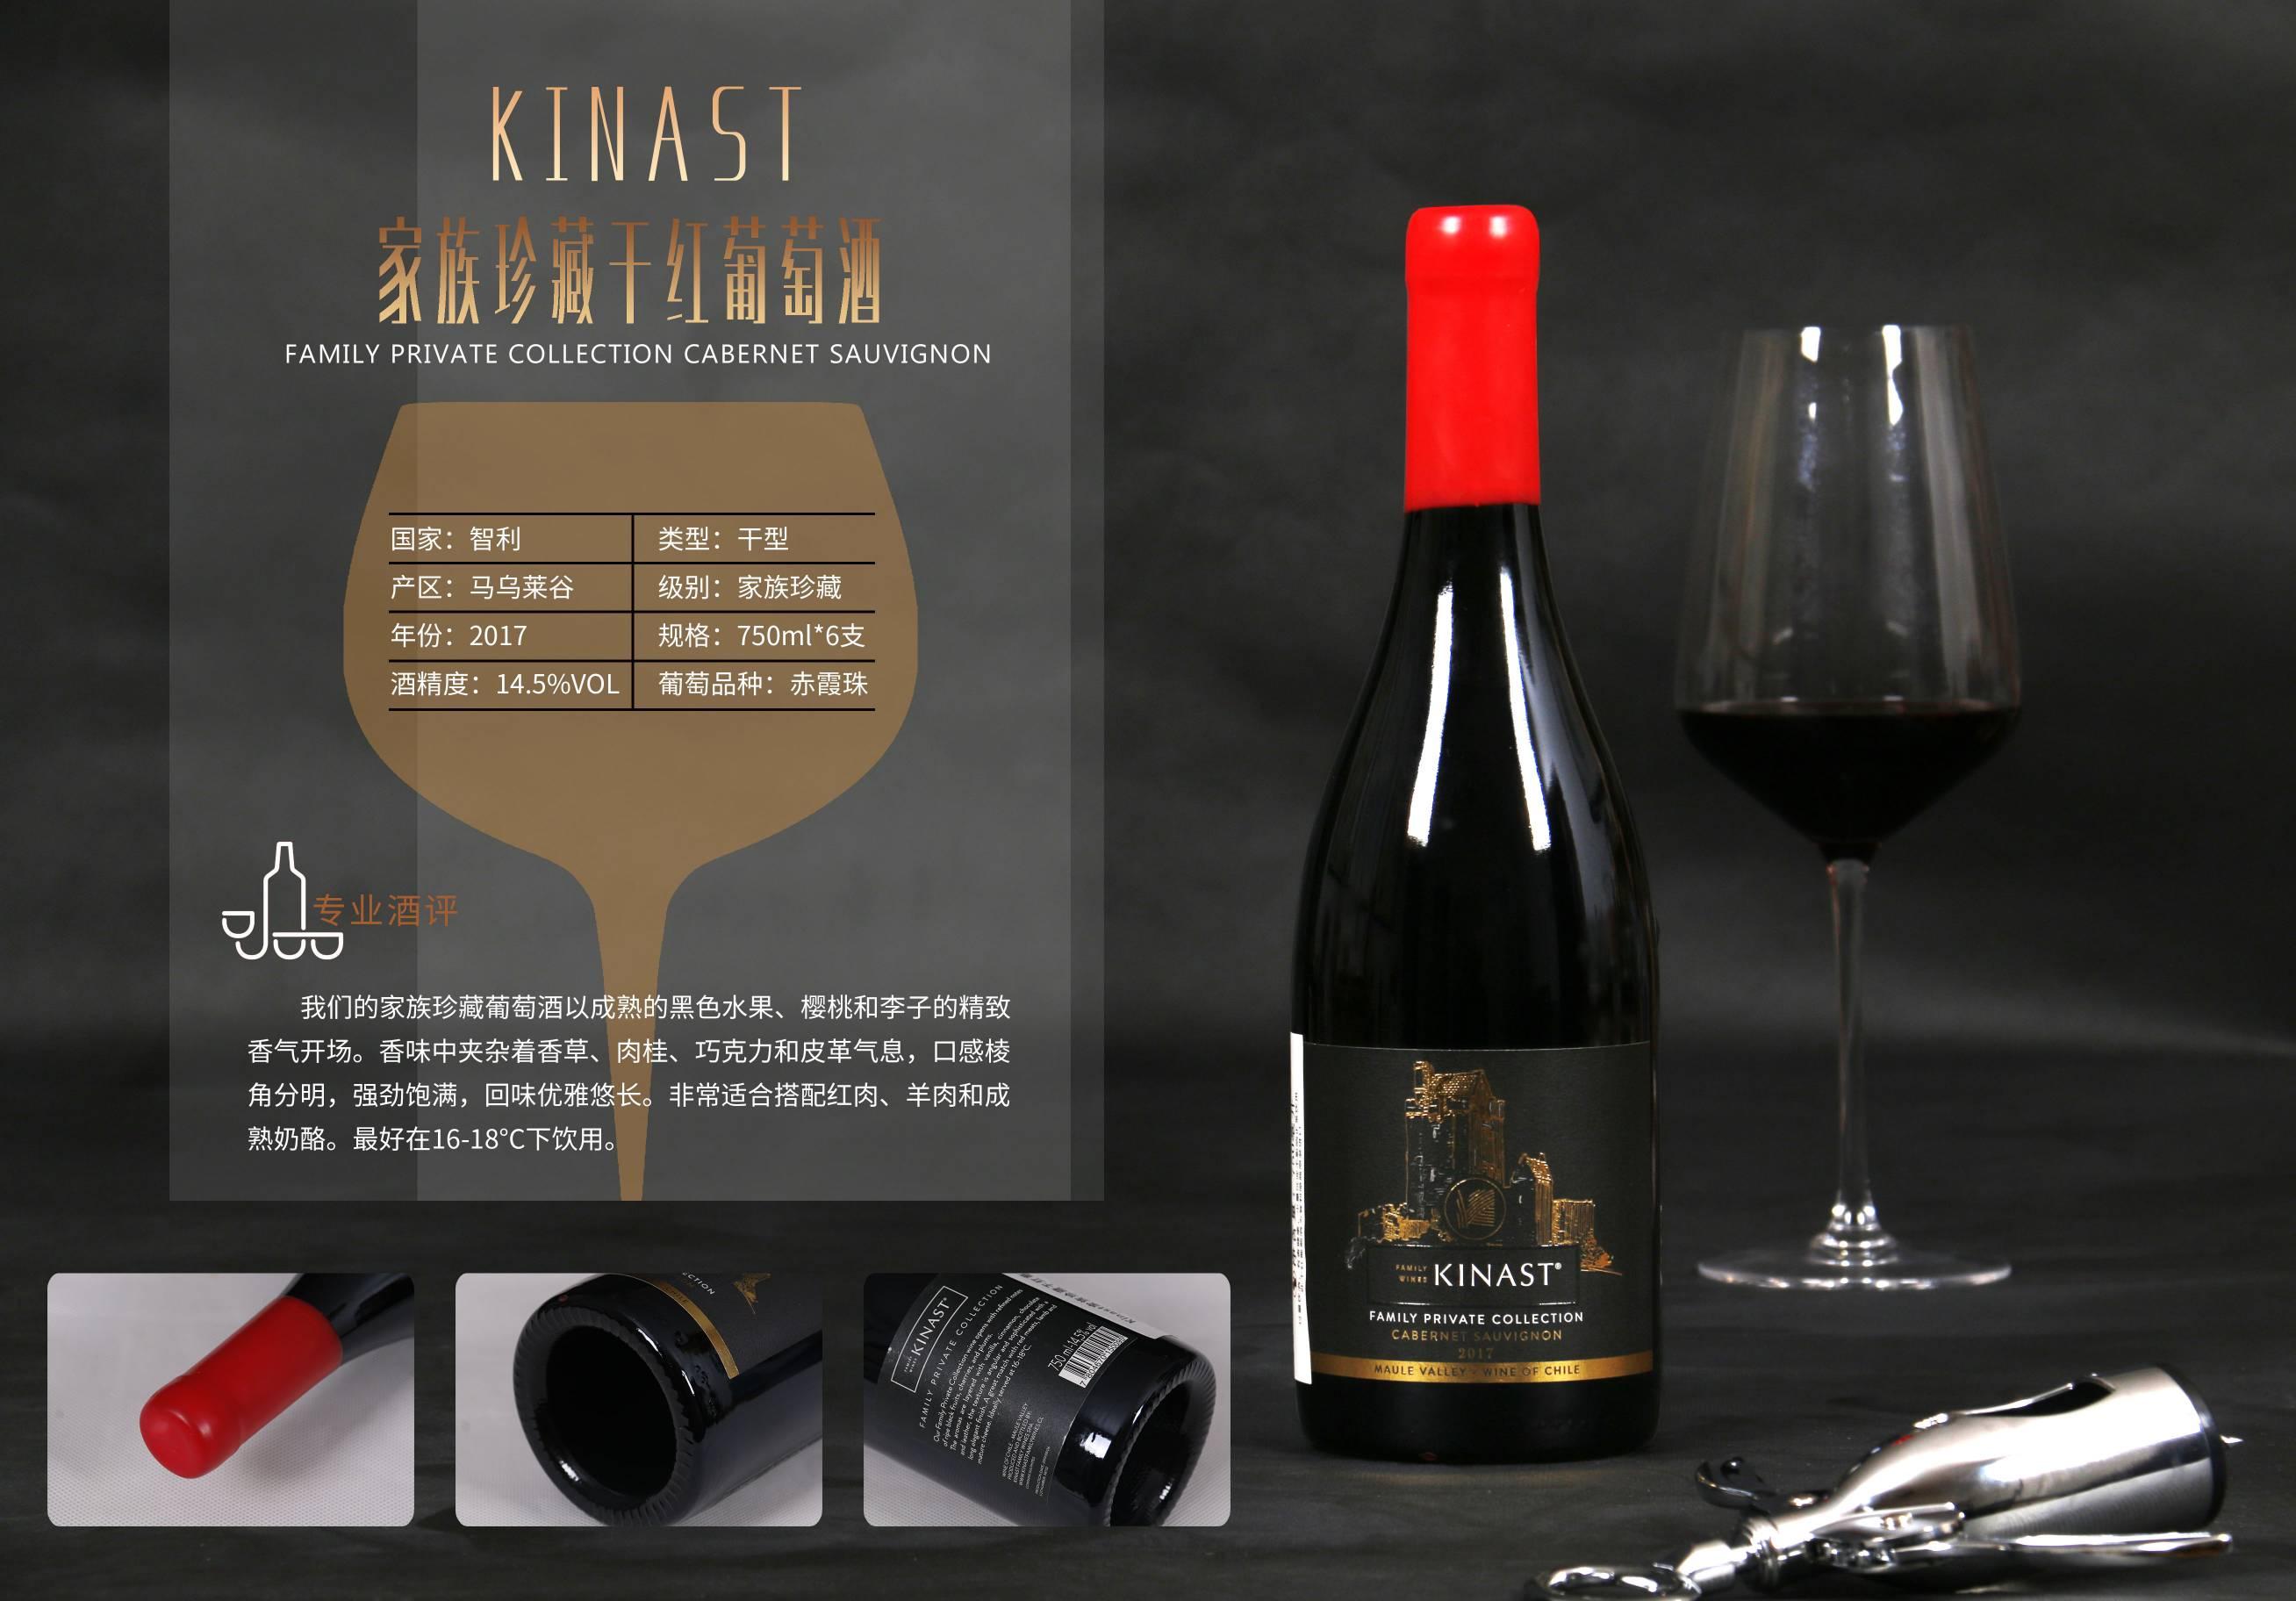 智利金纳斯家族酒庄马乌莱谷KINAST 家族珍藏干红葡萄酒